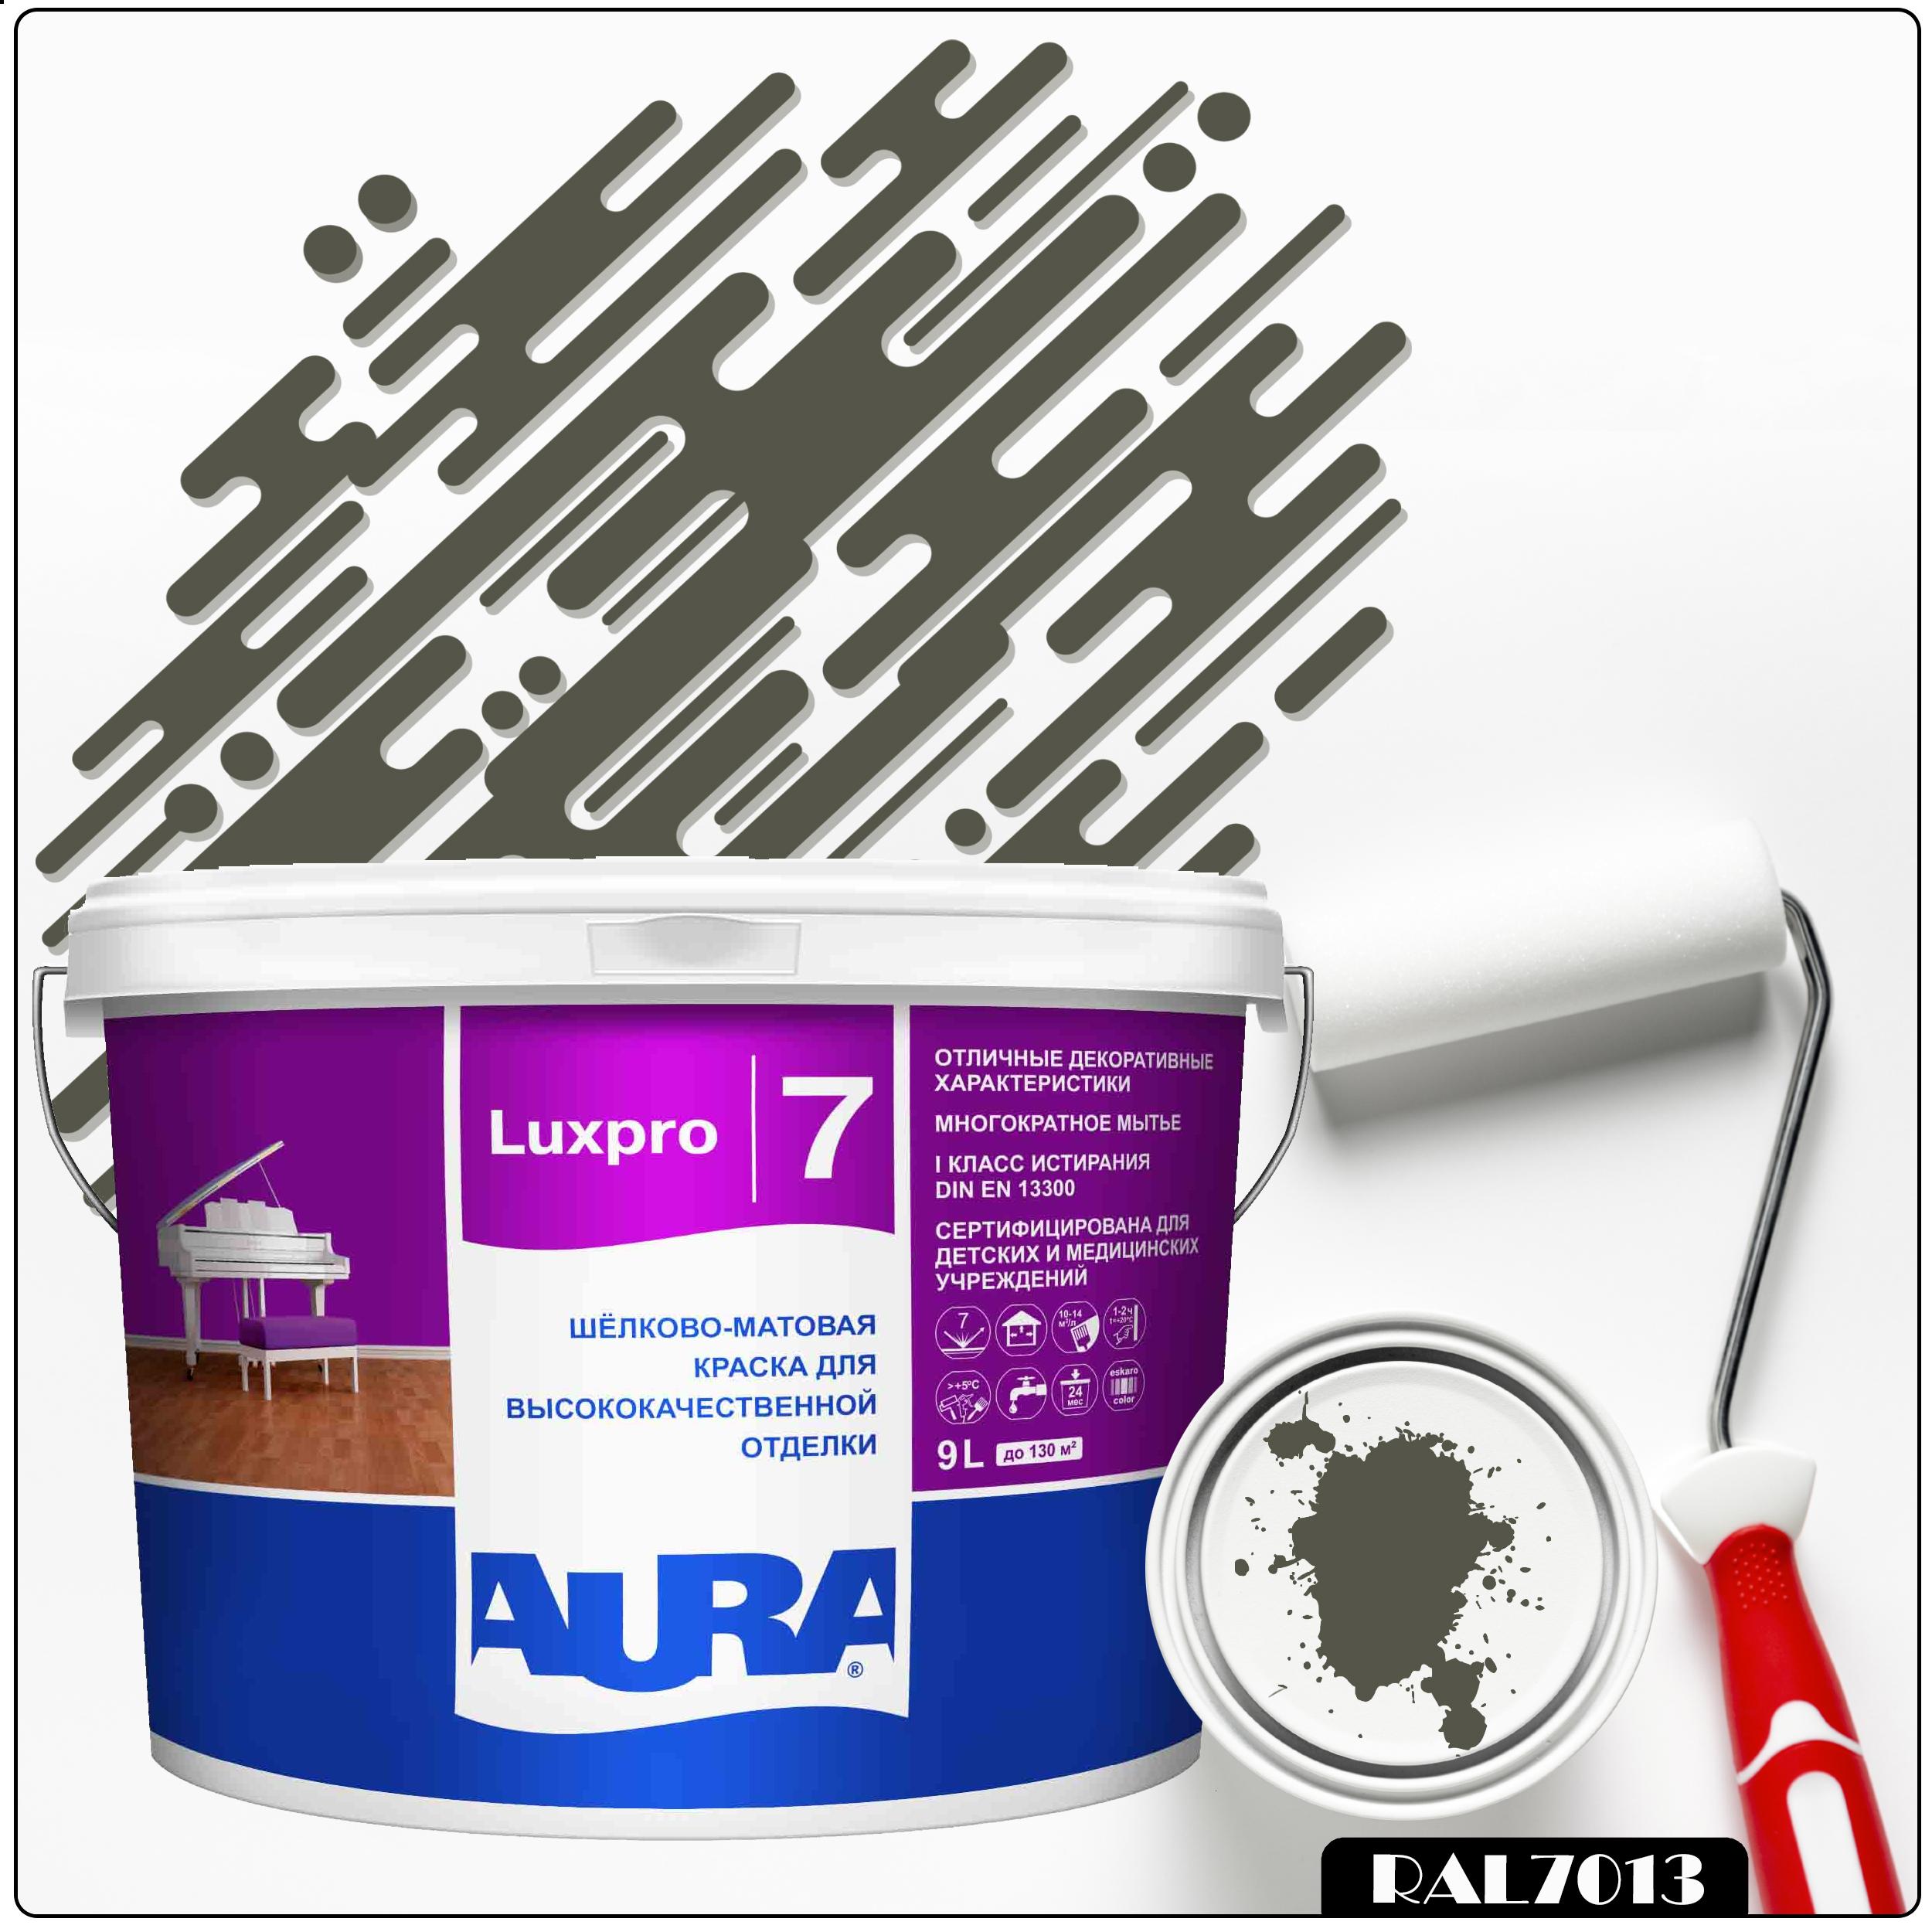 Фото 13 - Краска Aura LuxPRO 7, RAL 7013 Коричнево-серый, латексная, шелково-матовая, интерьерная, 9л, Аура.